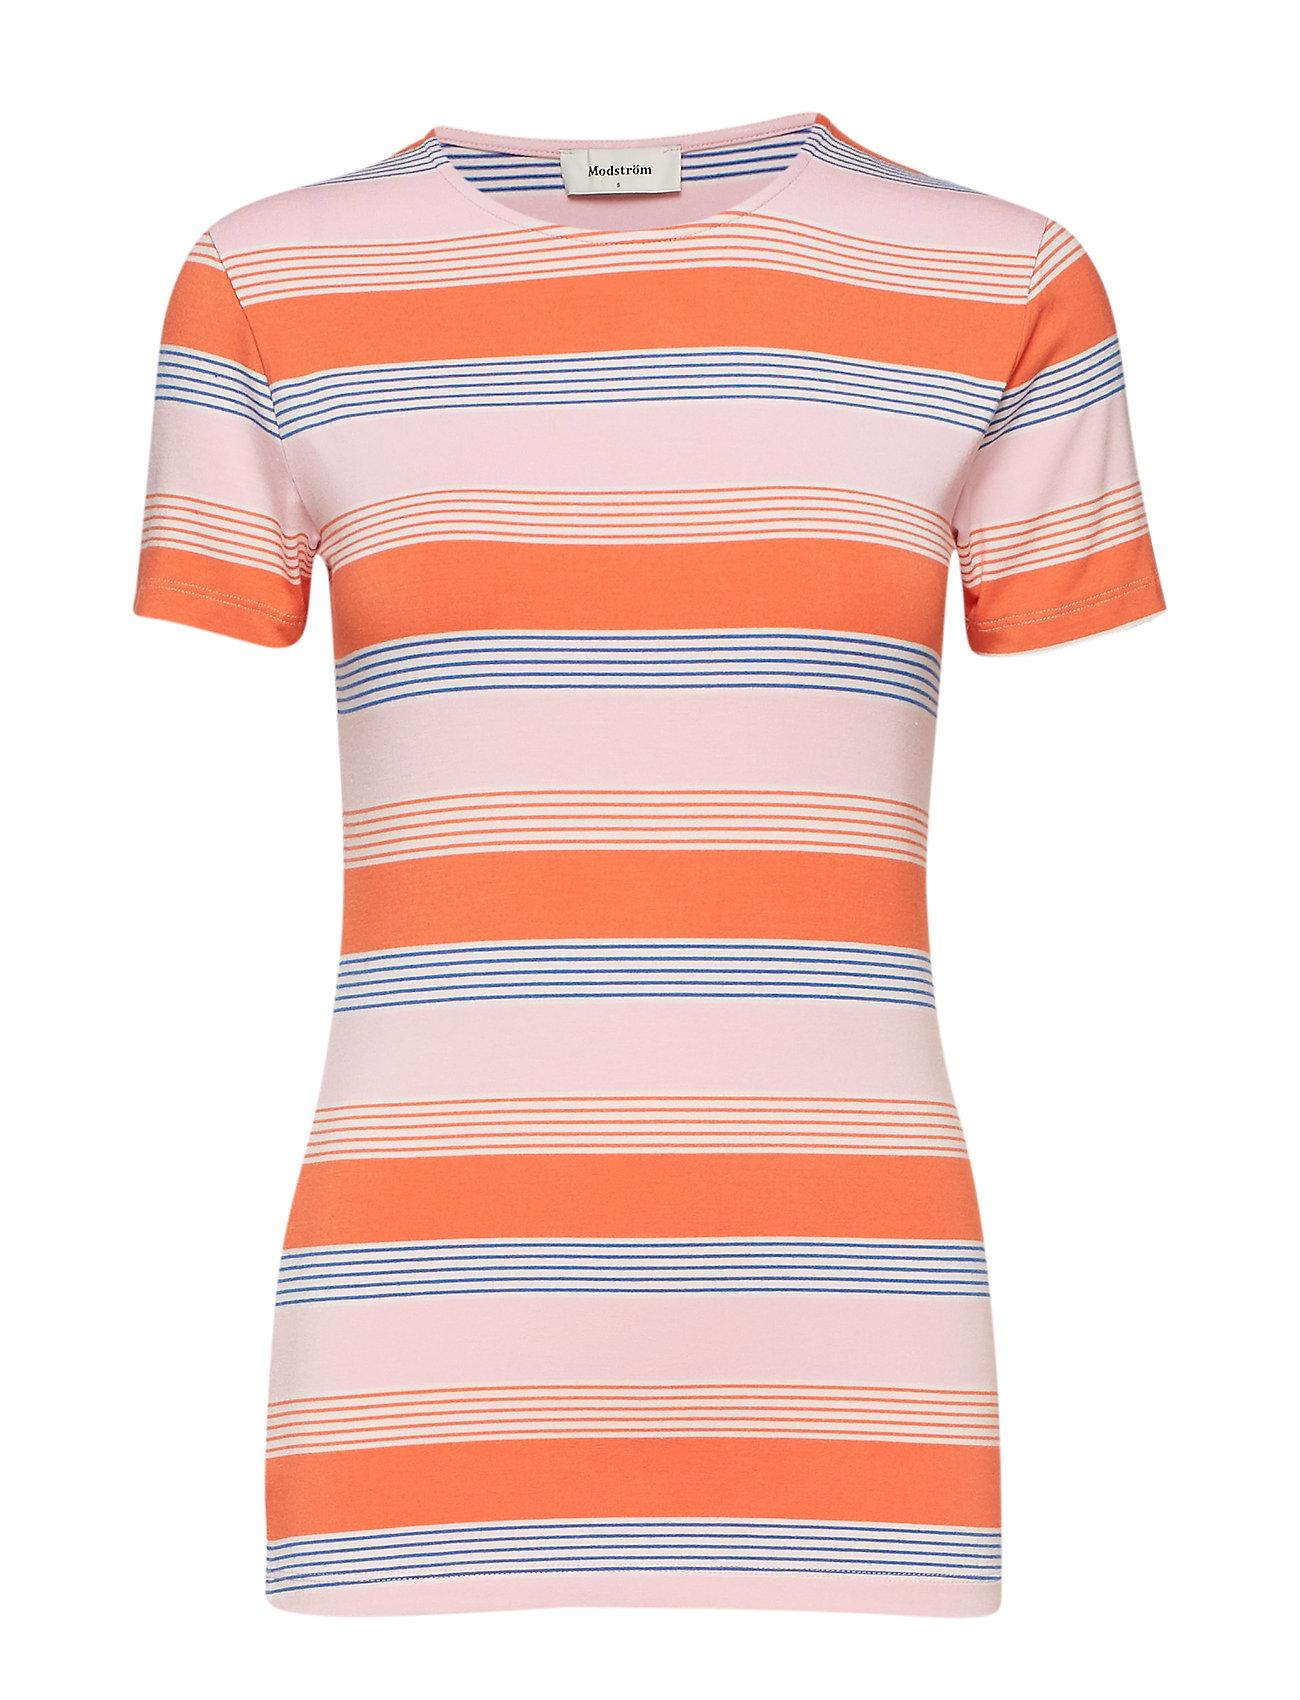 Modström Owl stripe t shirt Ögrönlar